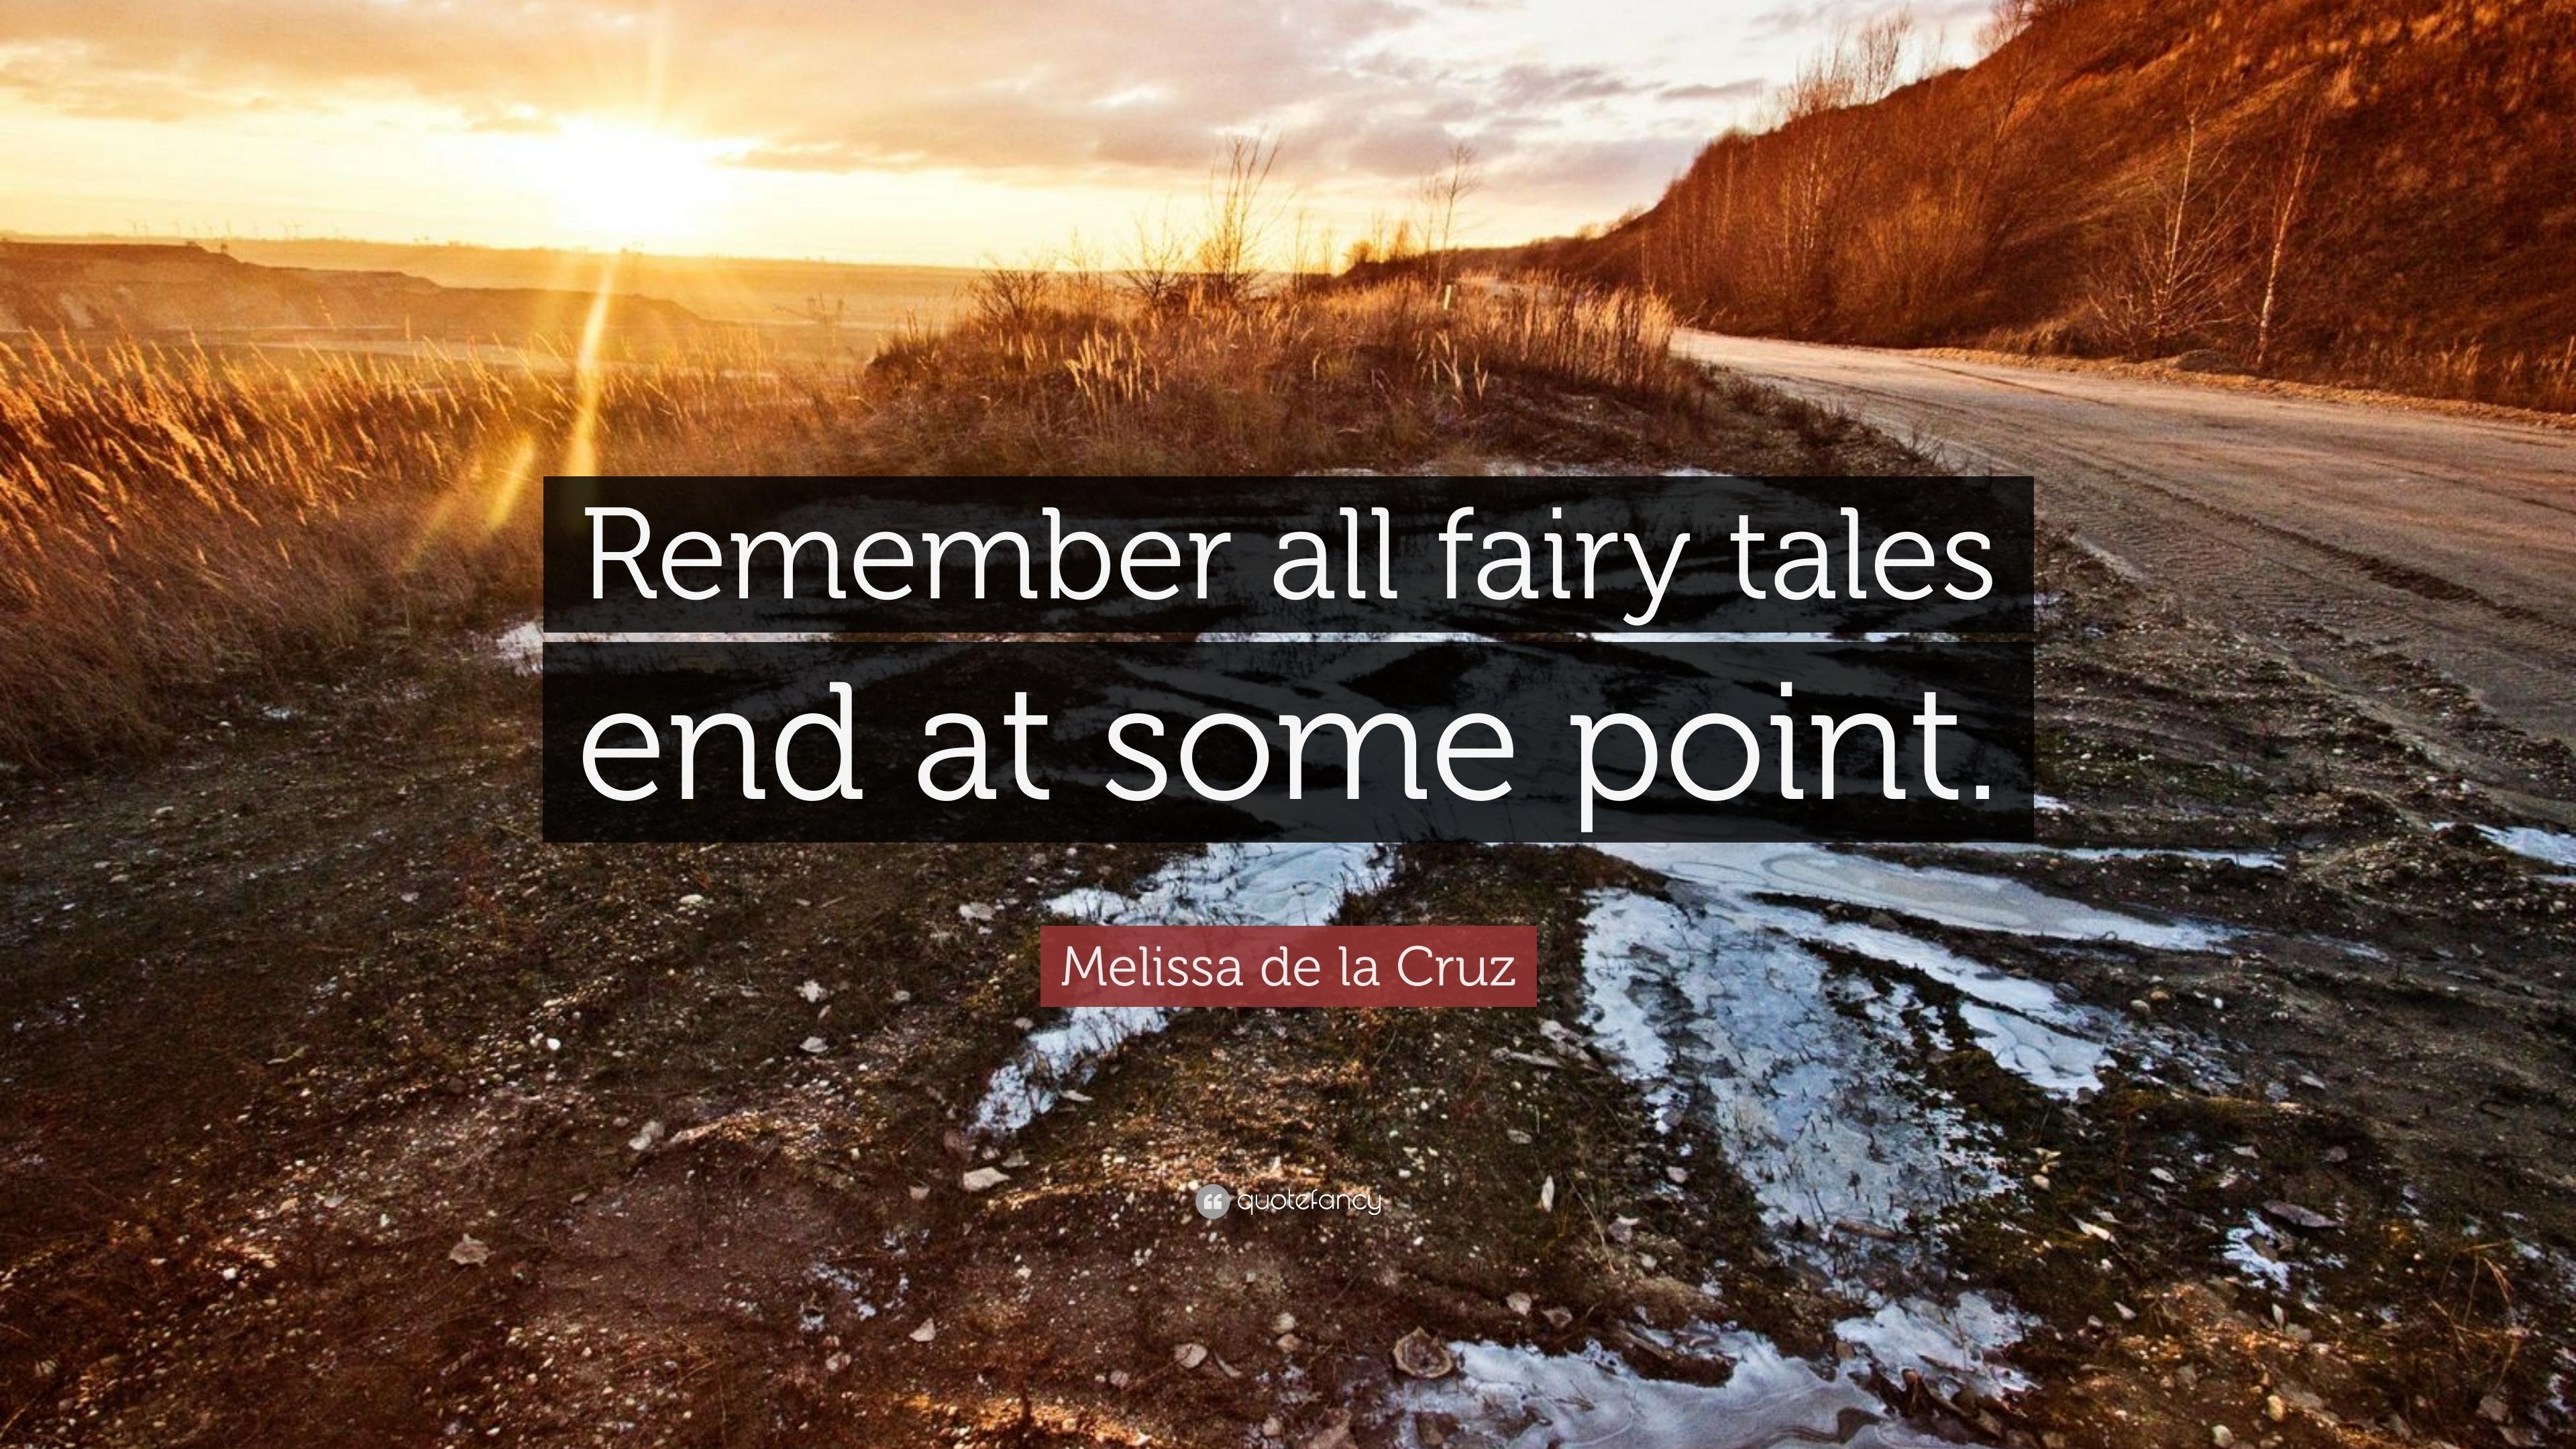 How do fairy tales end